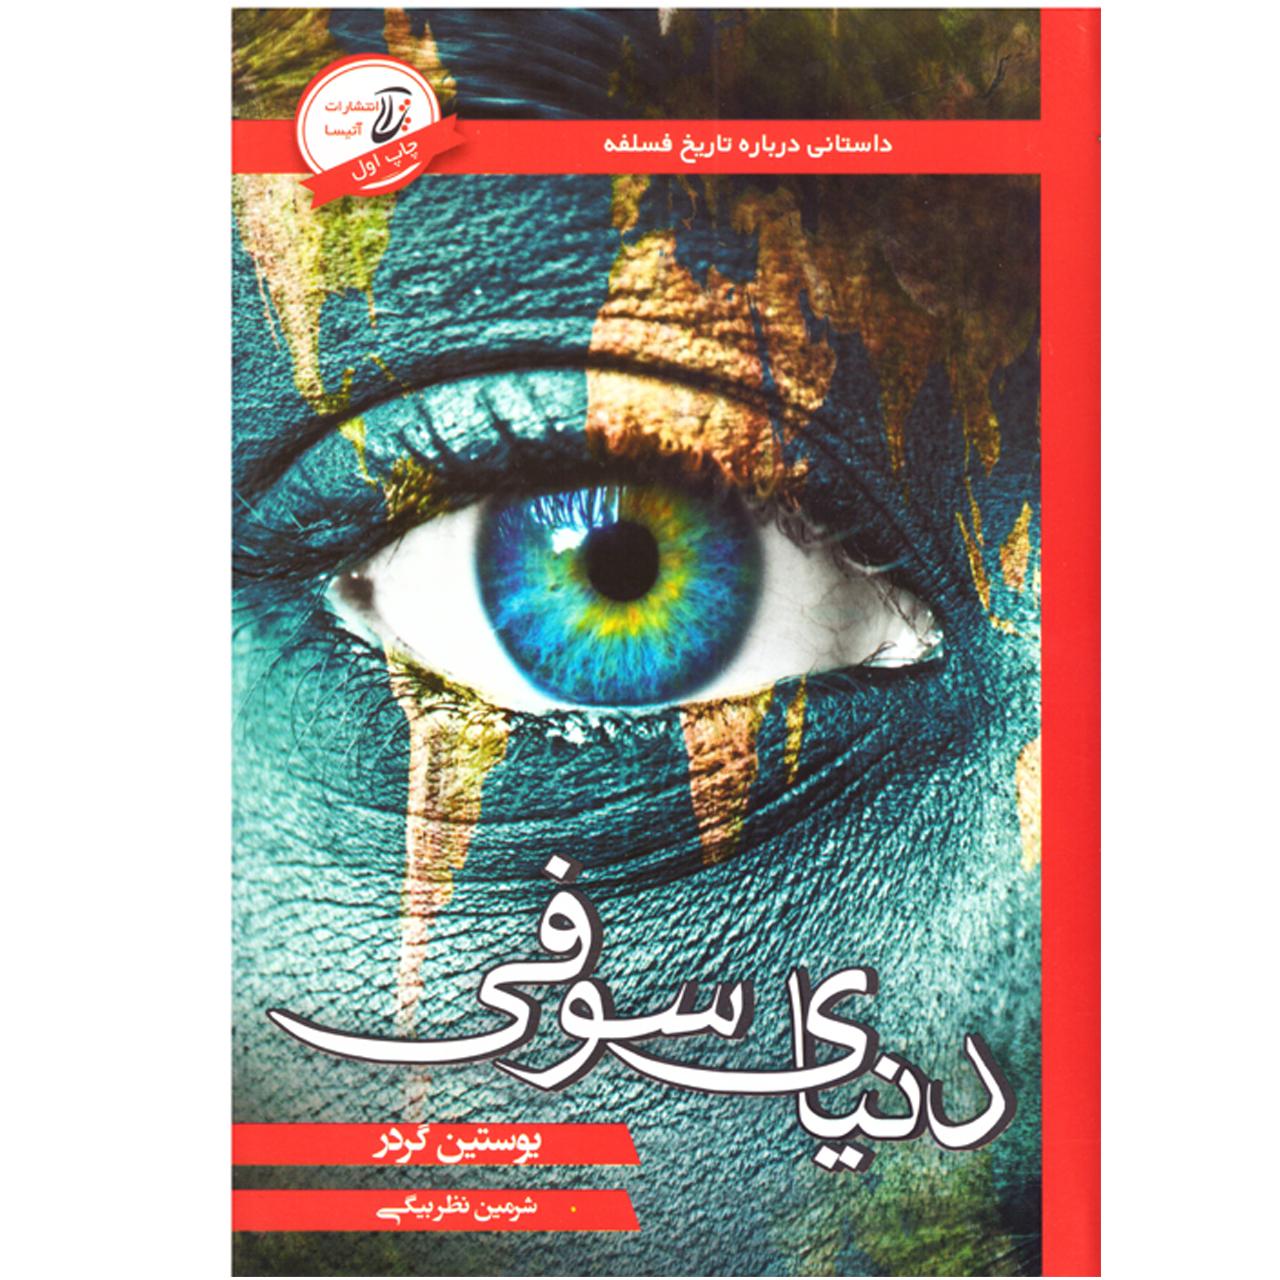 کتاب رمان دنیای سوفی اثر یوستین گردر نشر آتیسا